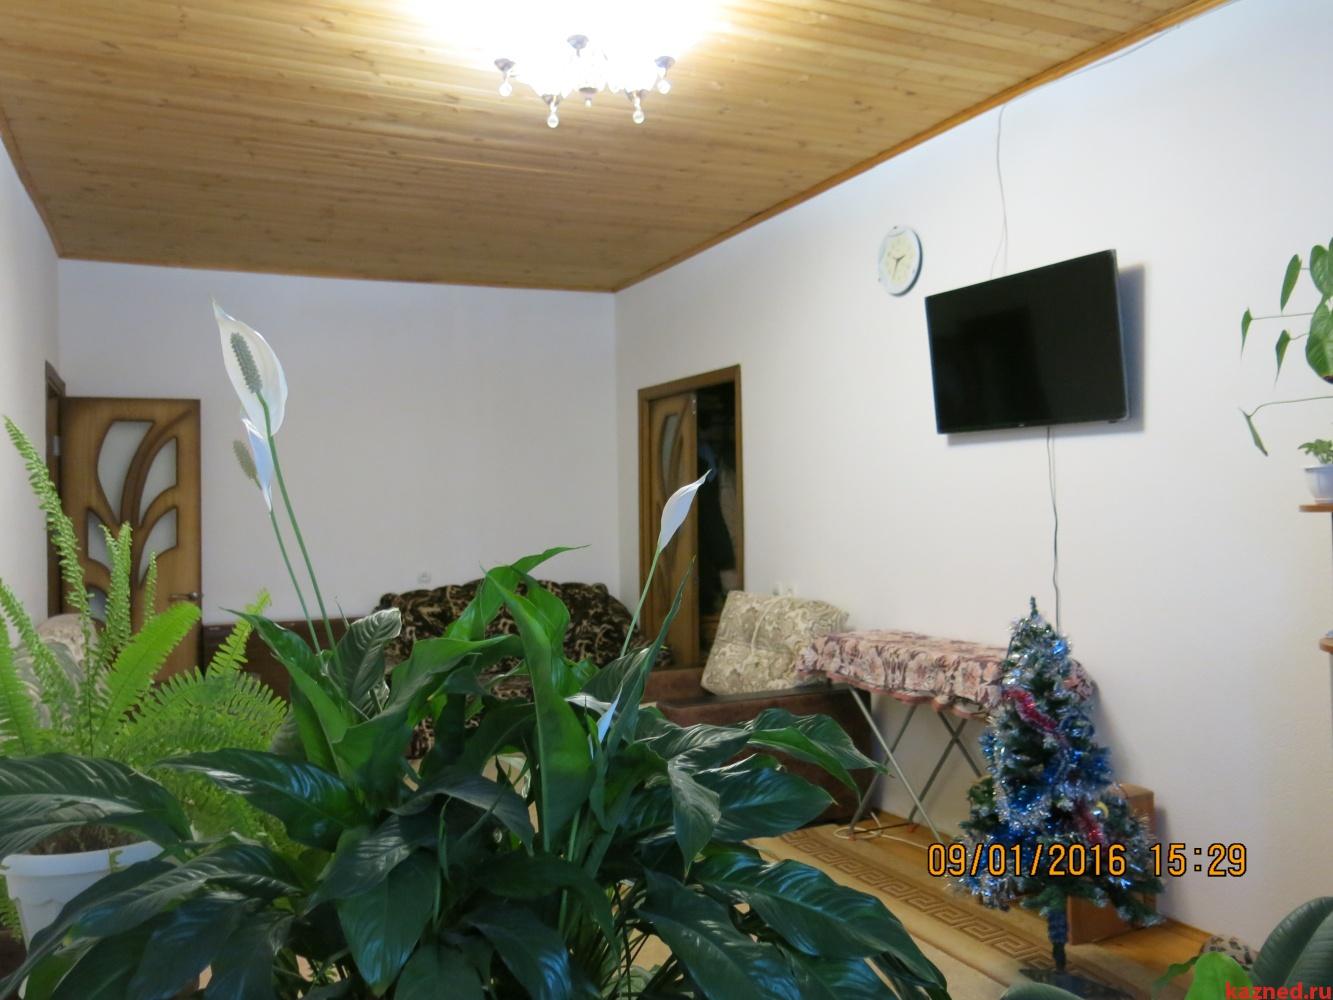 Продажа  Дома Гривская, 87 м2  (миниатюра №5)